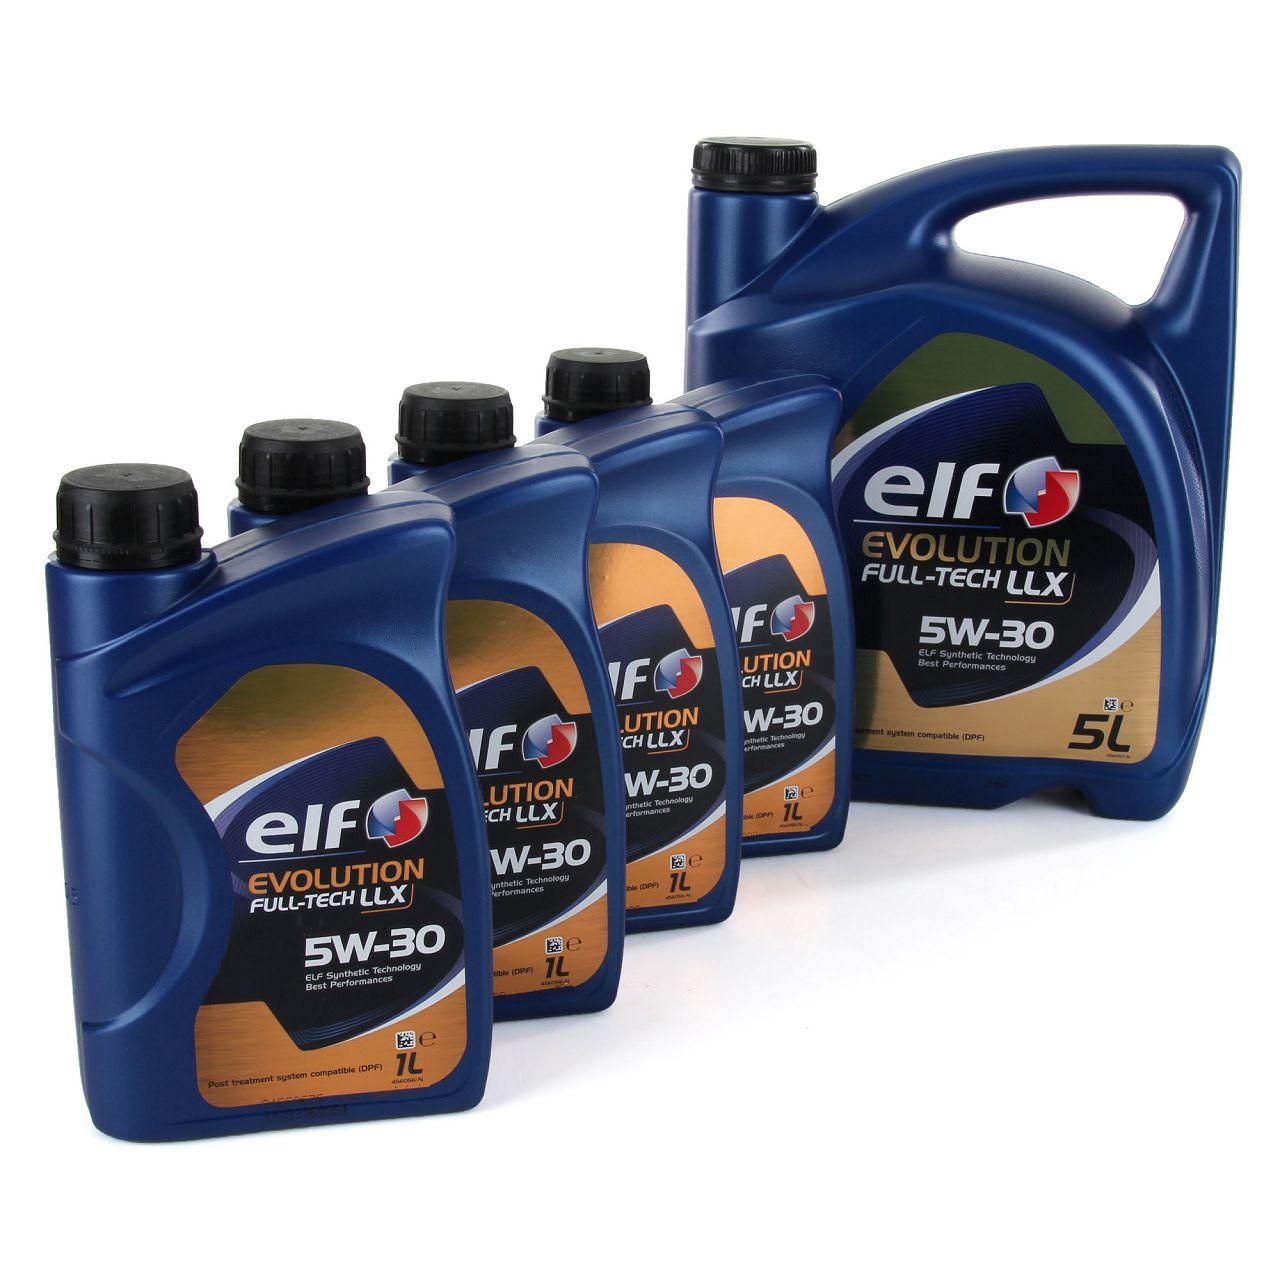 9L 9 Liter elf Evolution Full-Tech LLX 5W-30 Motoröl 504.00/507.00 MB 229.51